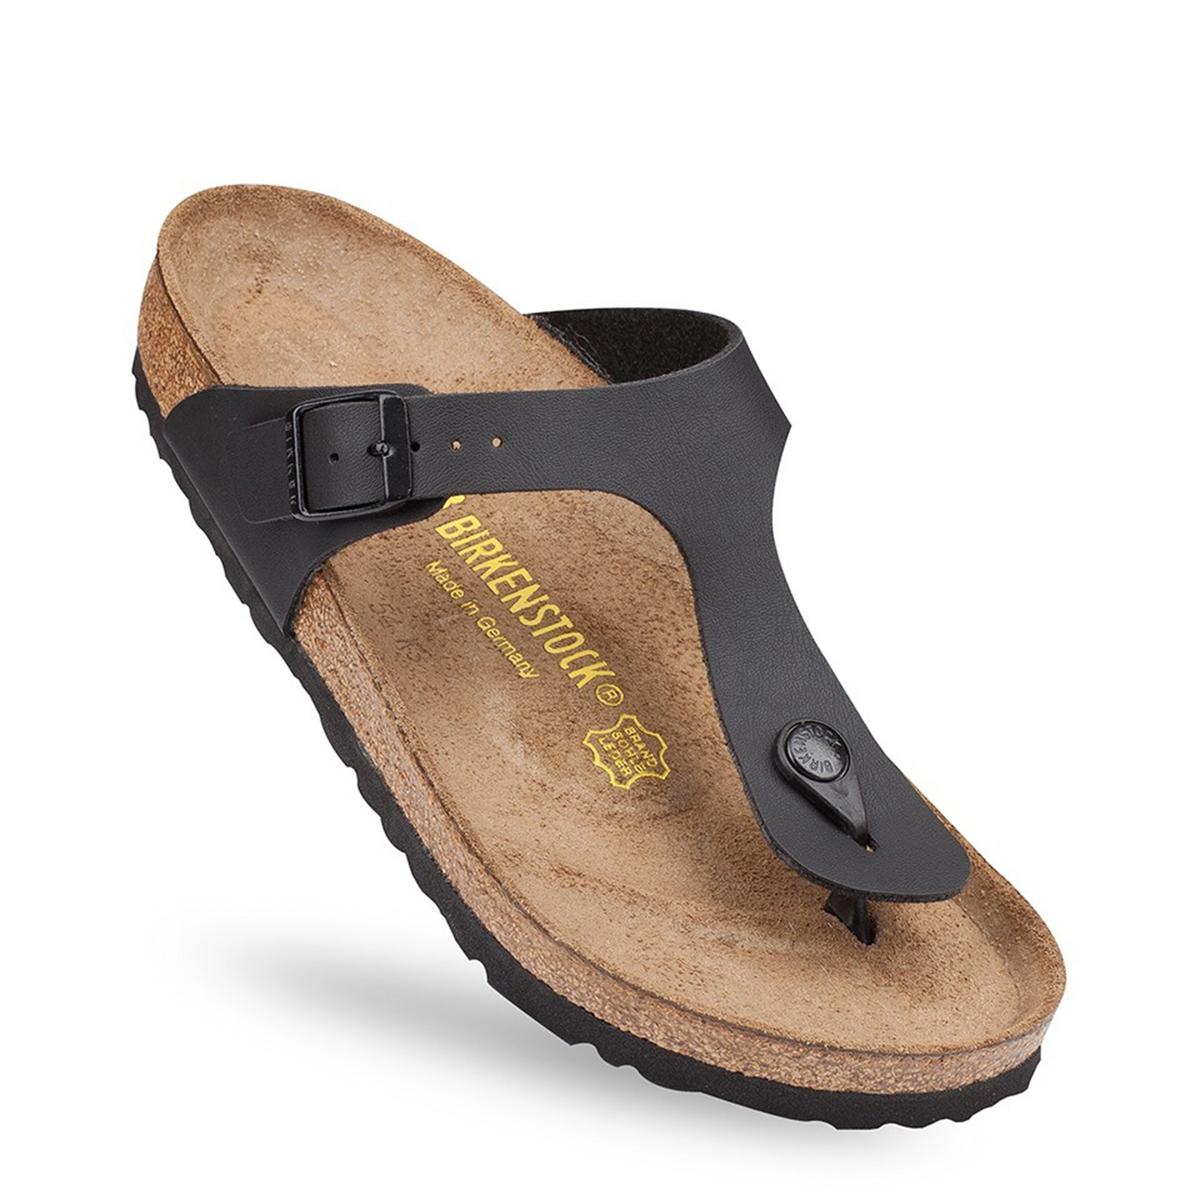 Imagen adicional 3 de producto de Sandalias con tira entre los dedos GIZEH - Birkenstock